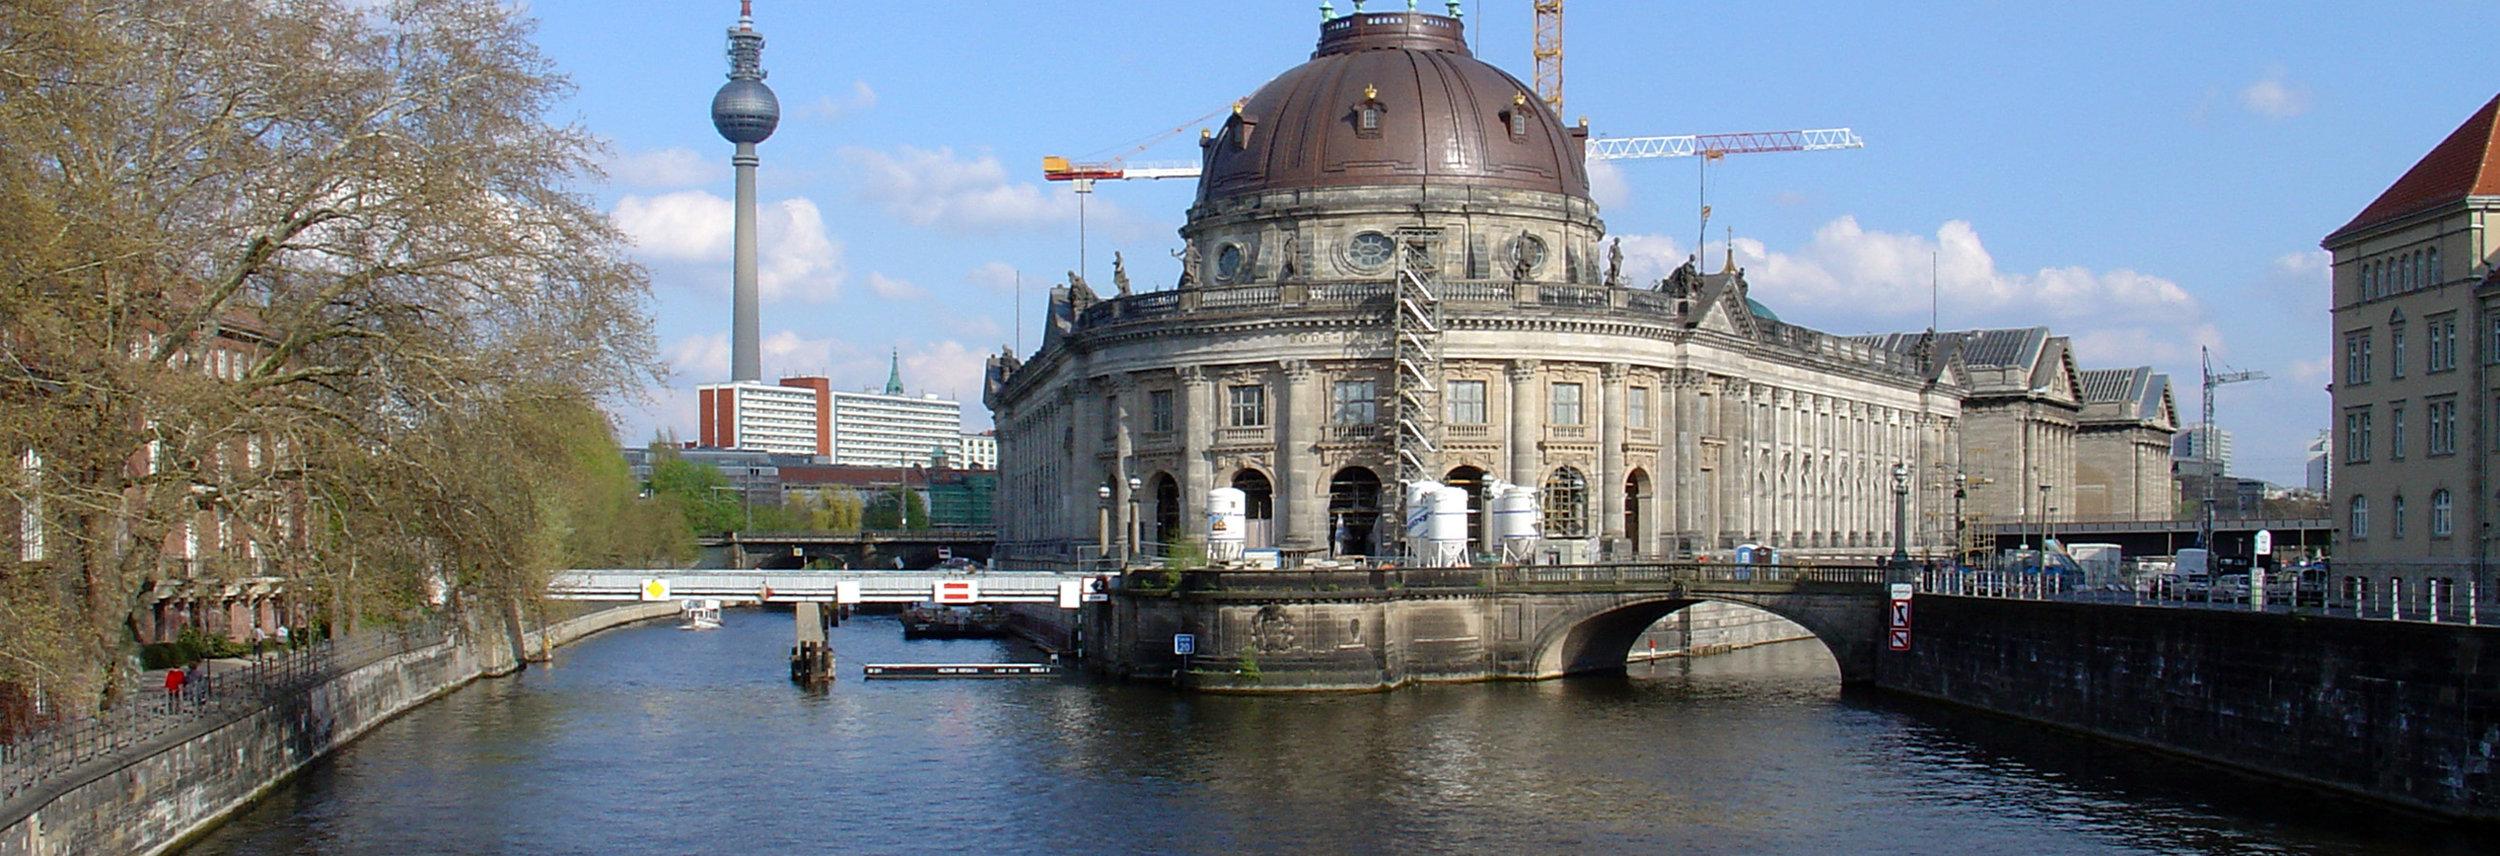 Bodemuseum, Museumsinsel_DSC01259_OPT, 900p.jpg